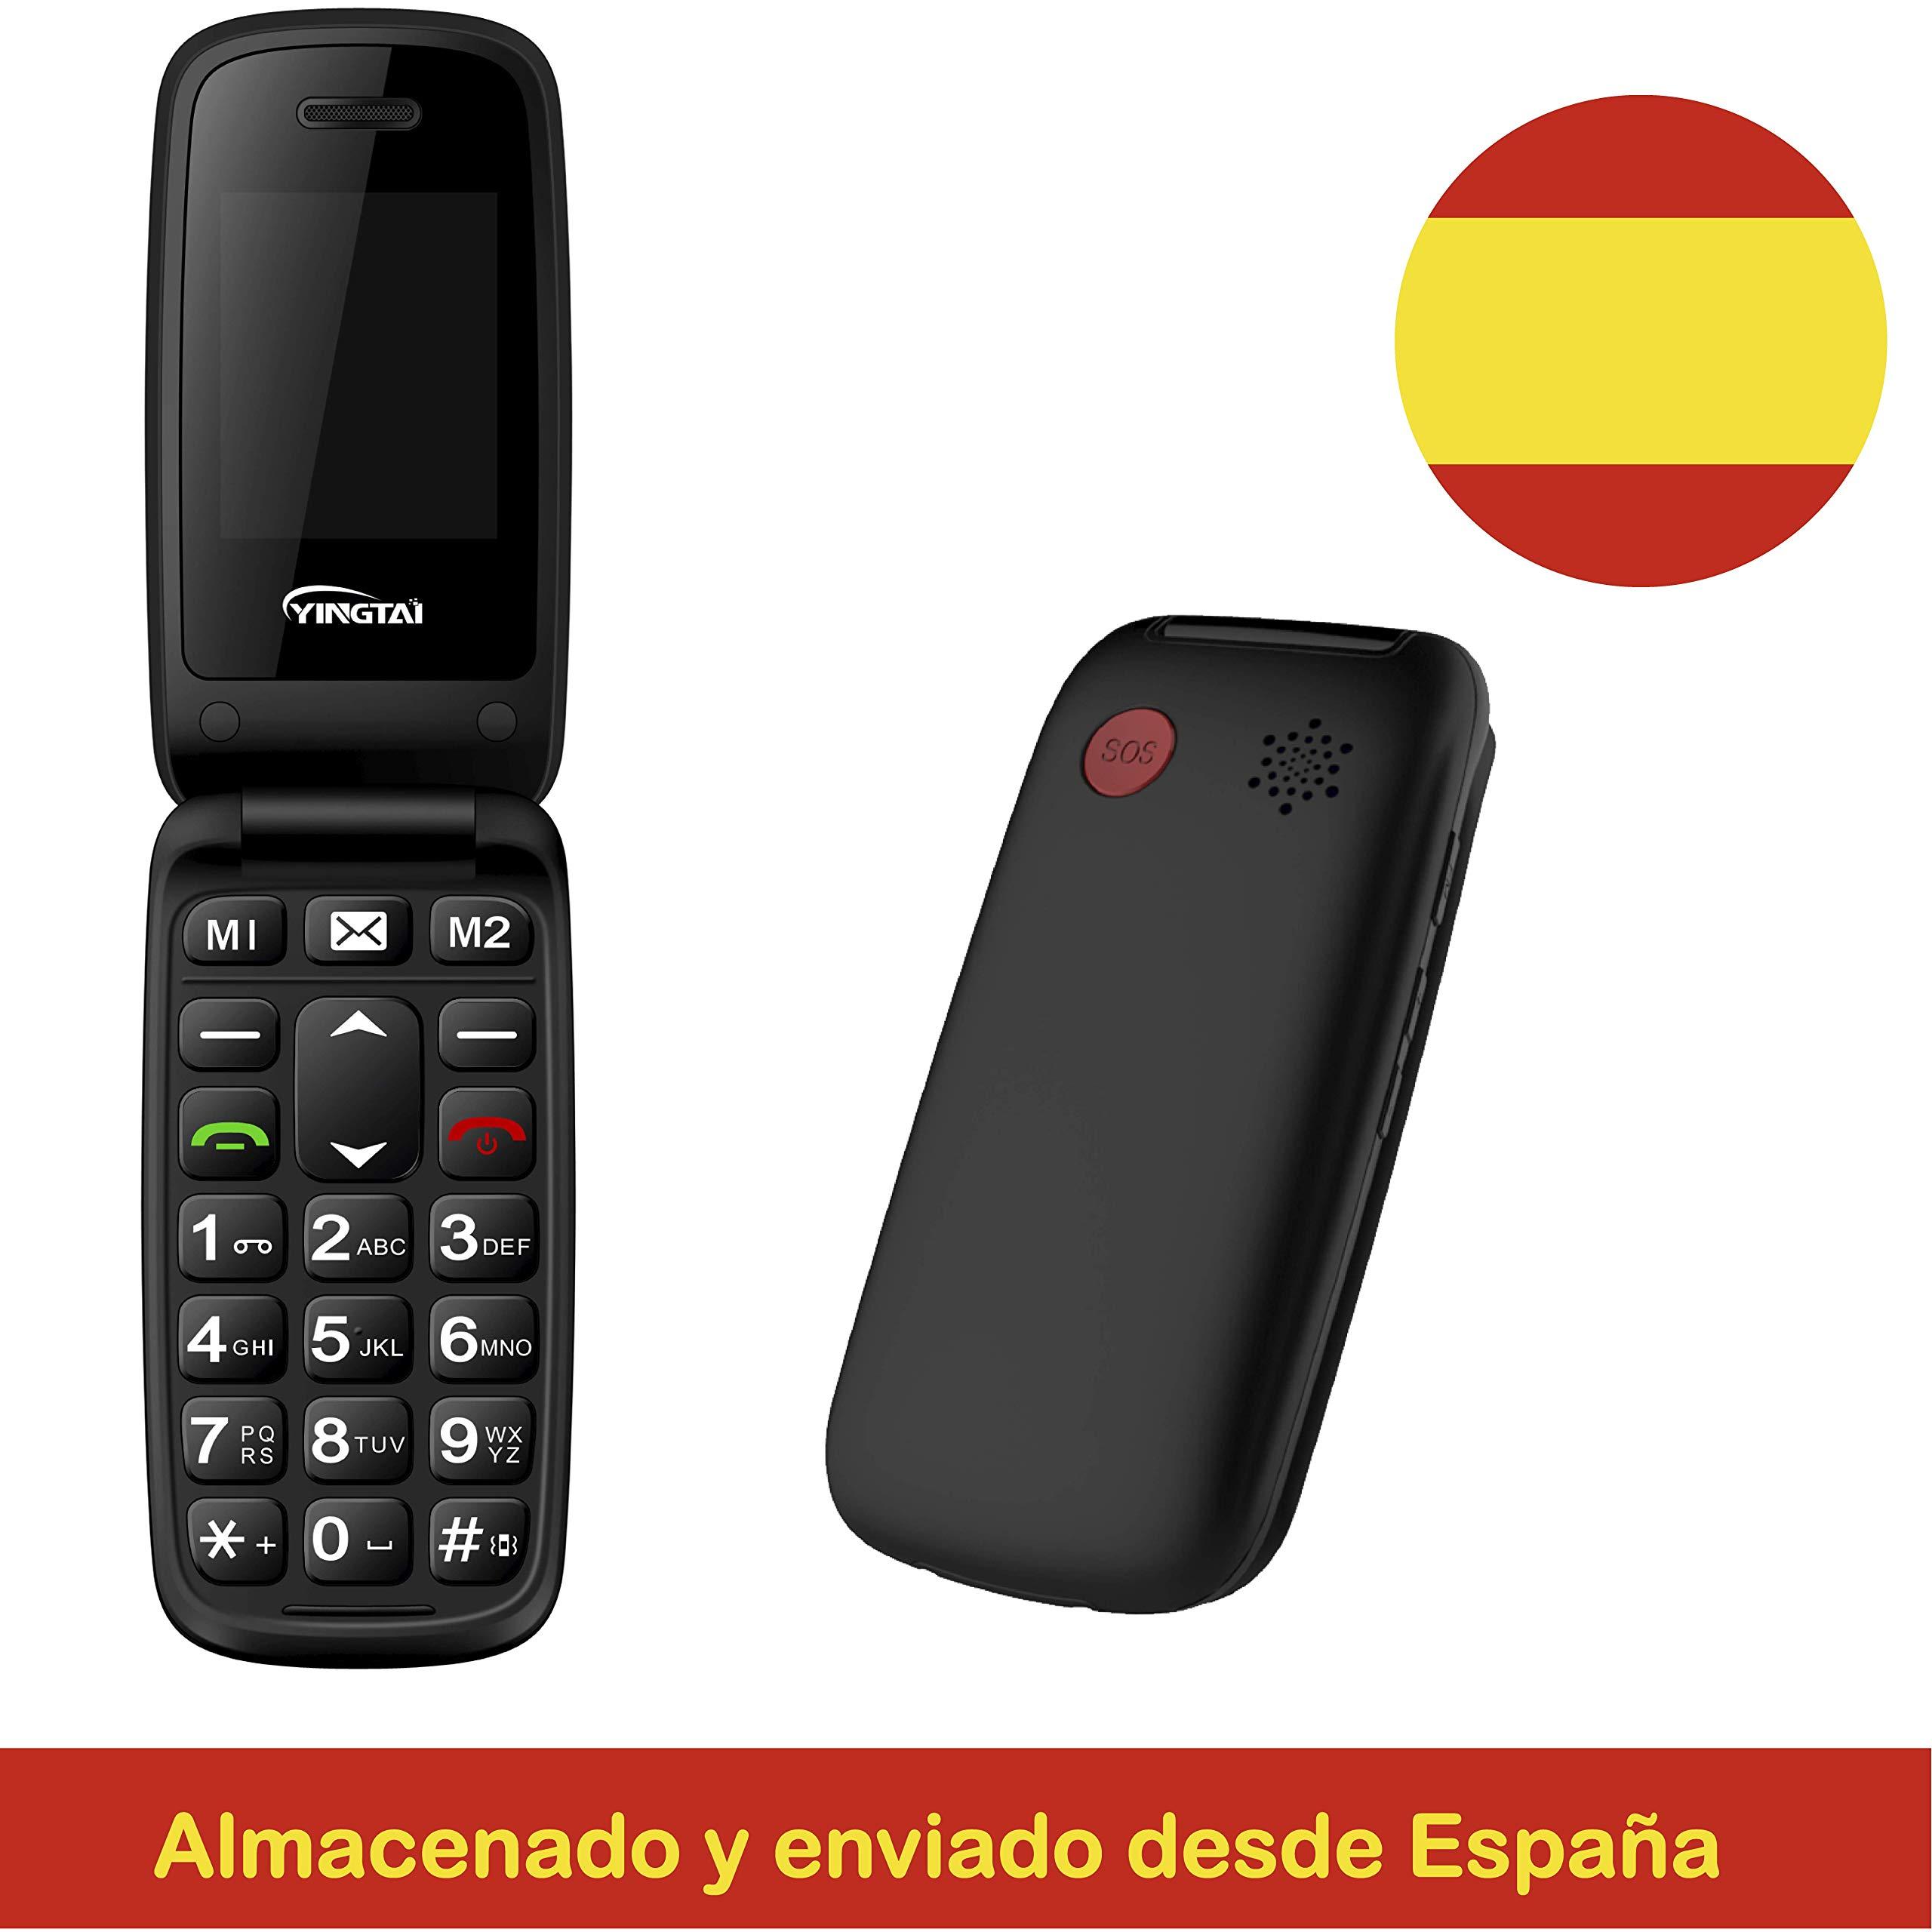 Yingtai T15 Negro, Teléfono Móvil con Tapa para Personas Mayores, Teclas Grandes, Sencillo de Usar, Botón SOS, Teclas De Emergencia con Marcación Rápida, Volumen Alto: Amazon.es: Electrónica